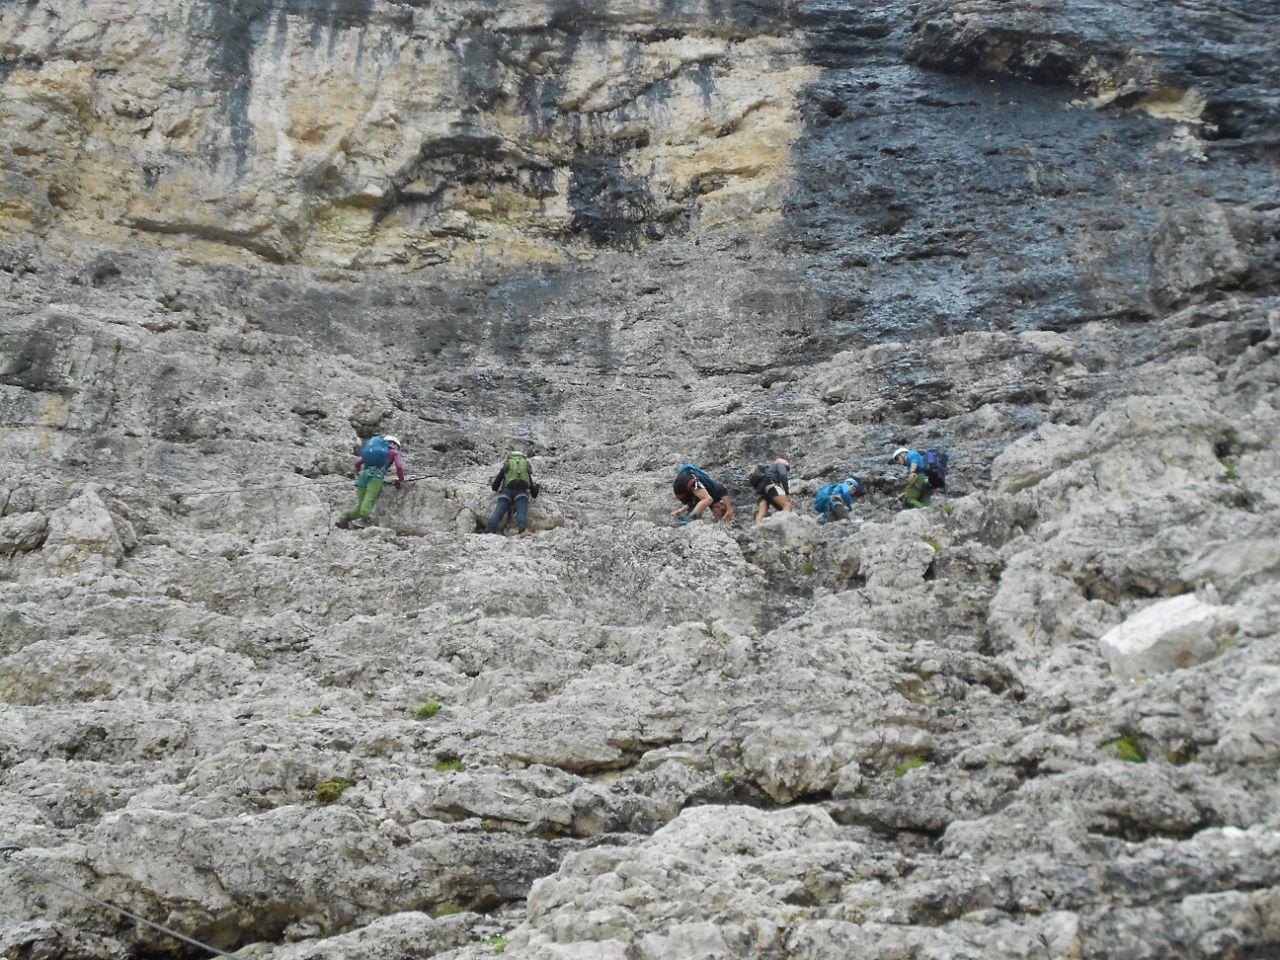 Vallon Klettersteig : Vallon sportklettern schutzhütte franz kostner am alta